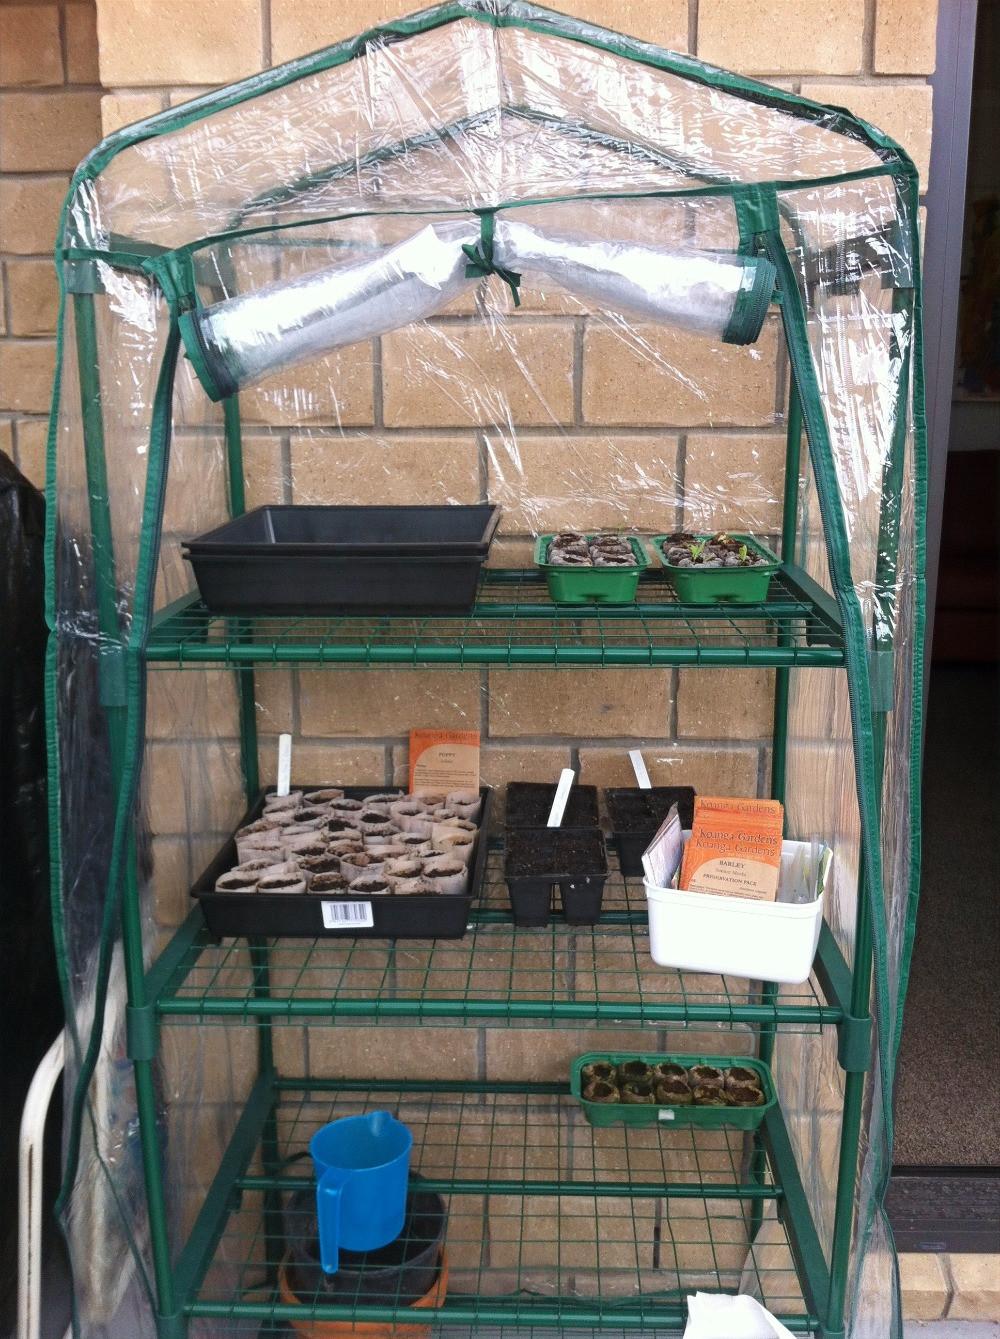 Small plastic seedling house www.lifeloveandlettuce.com